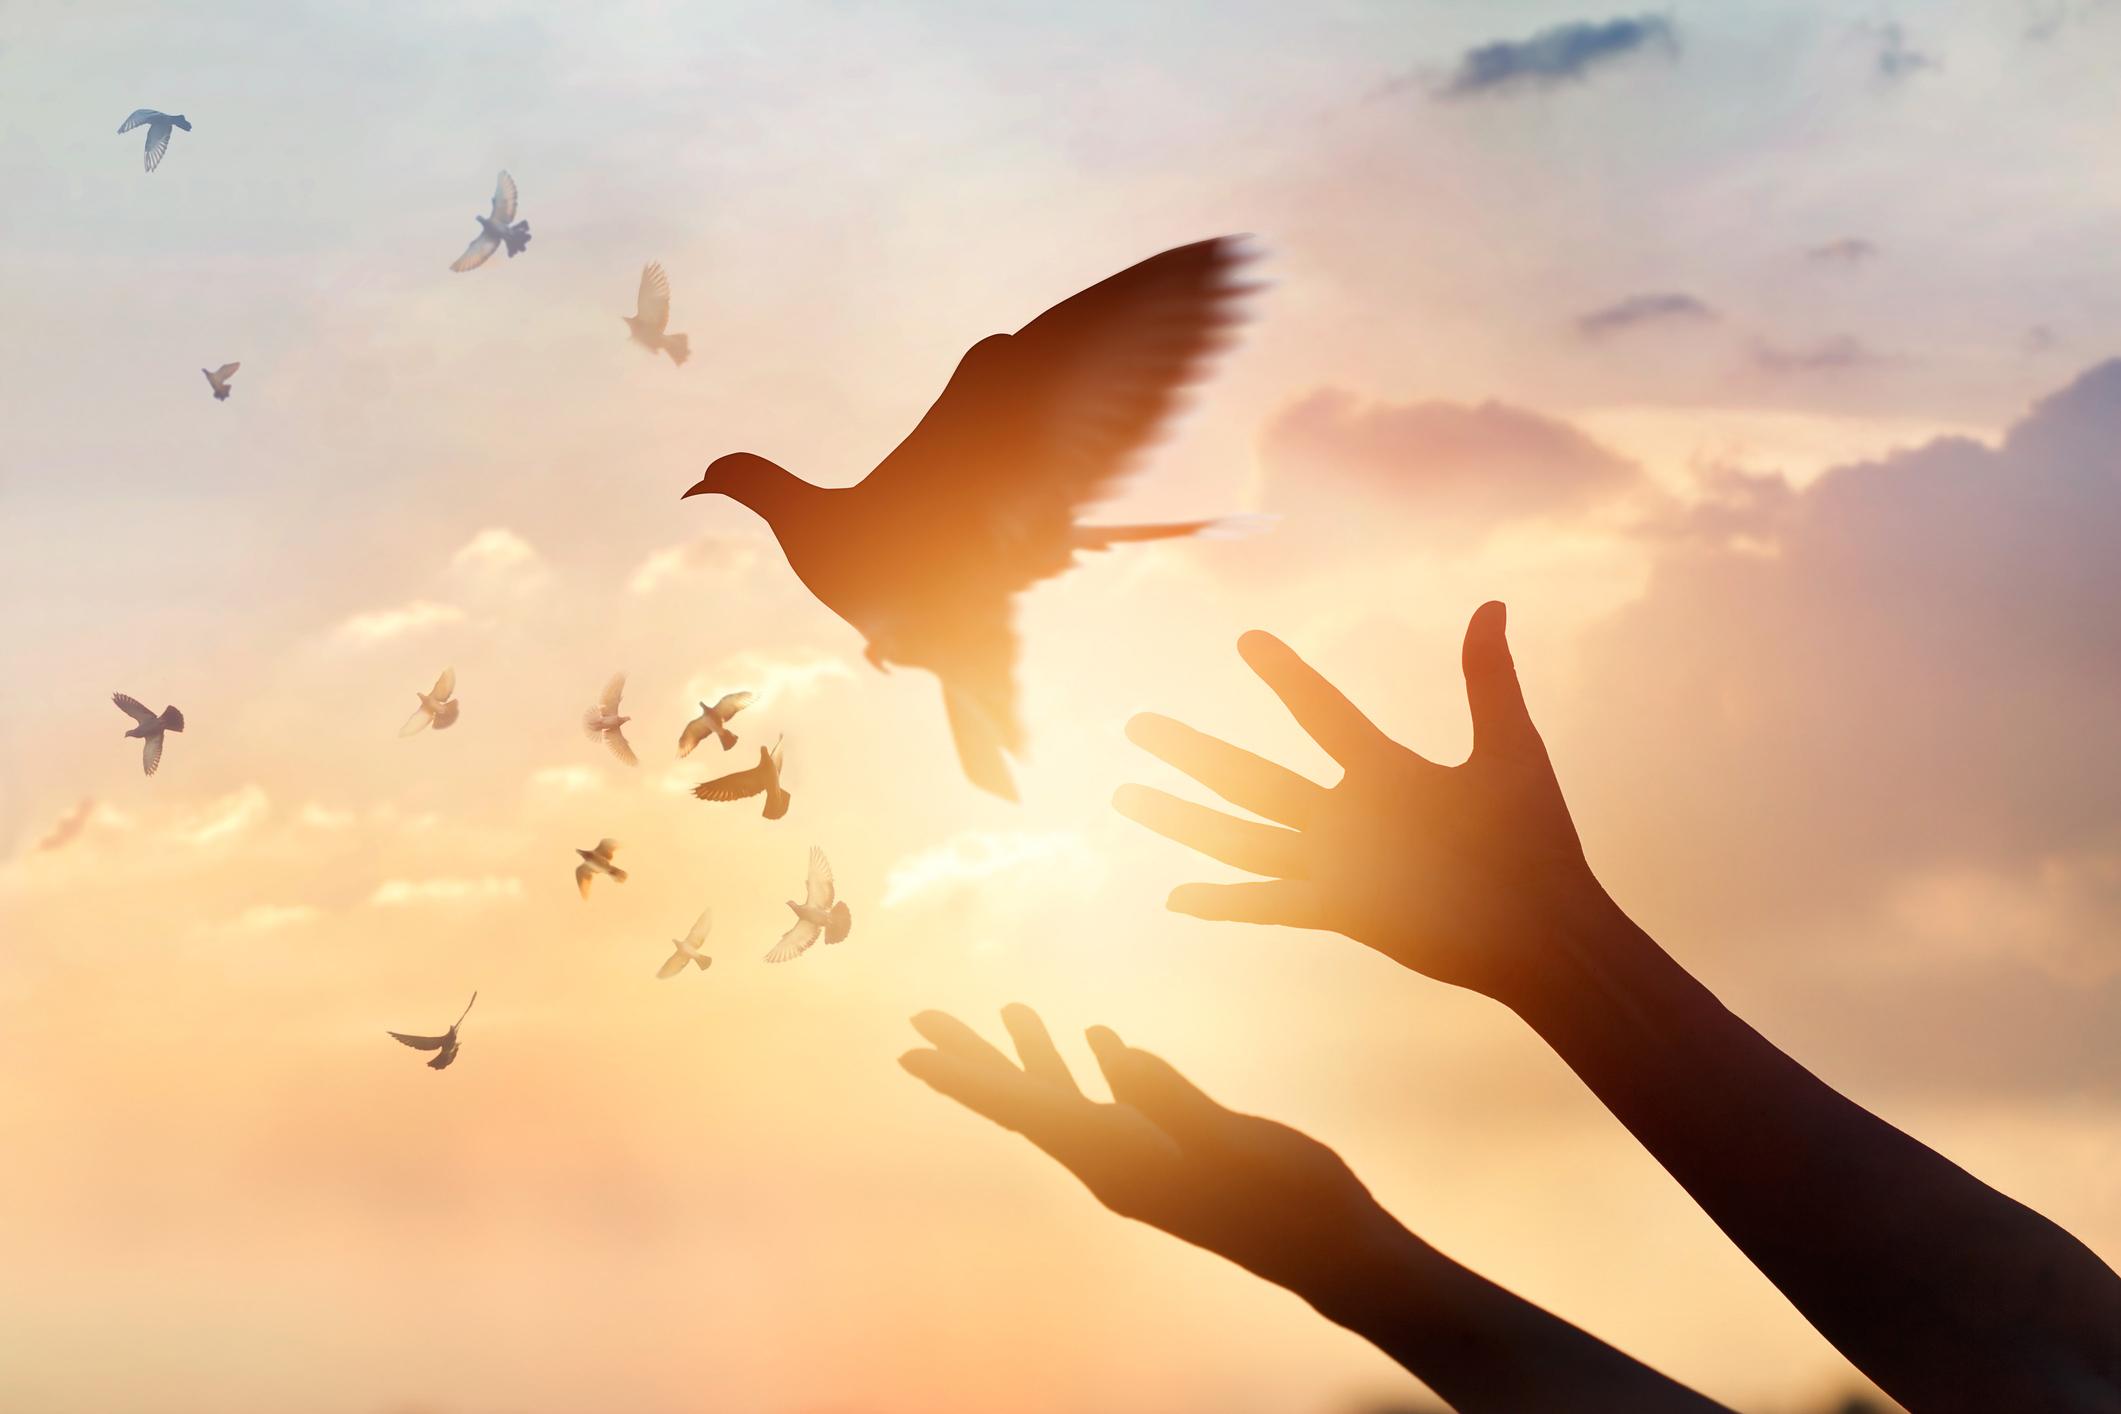 stacie-ivey-healing-widl-free